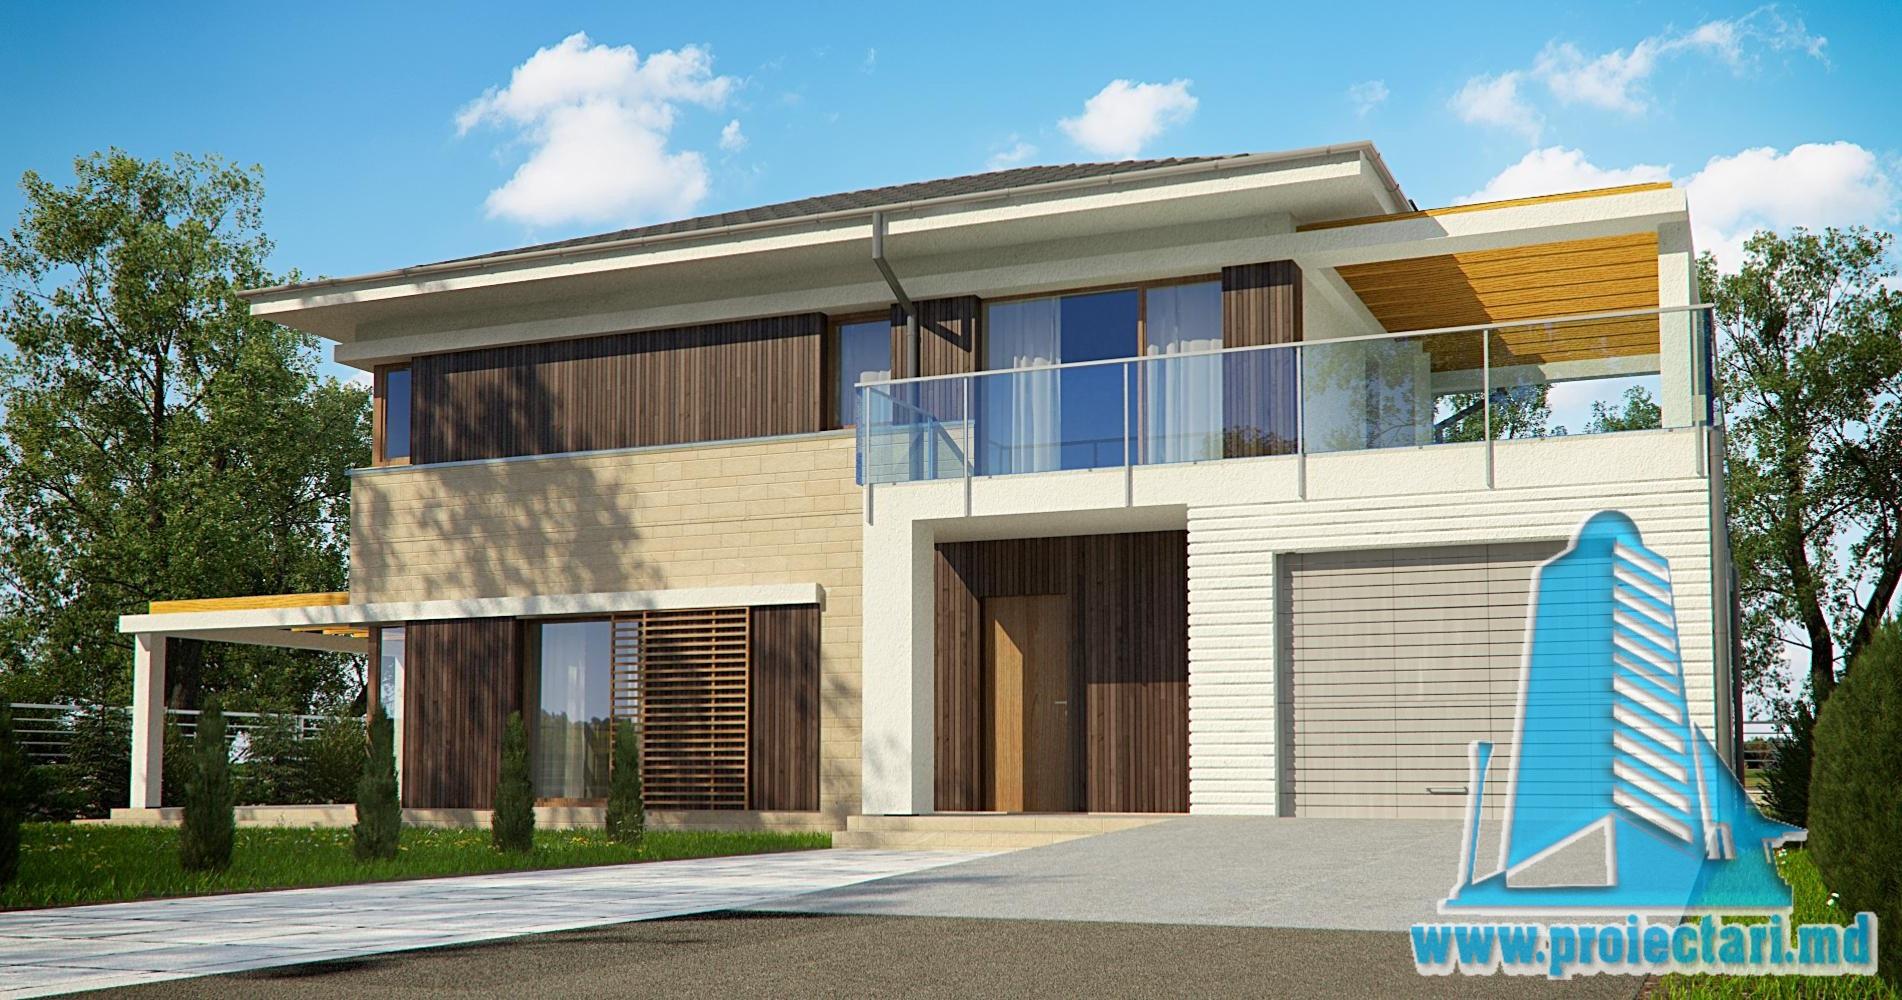 Proiect de casa cu doua etaje si garaje pentru un automobil -270m2-100983